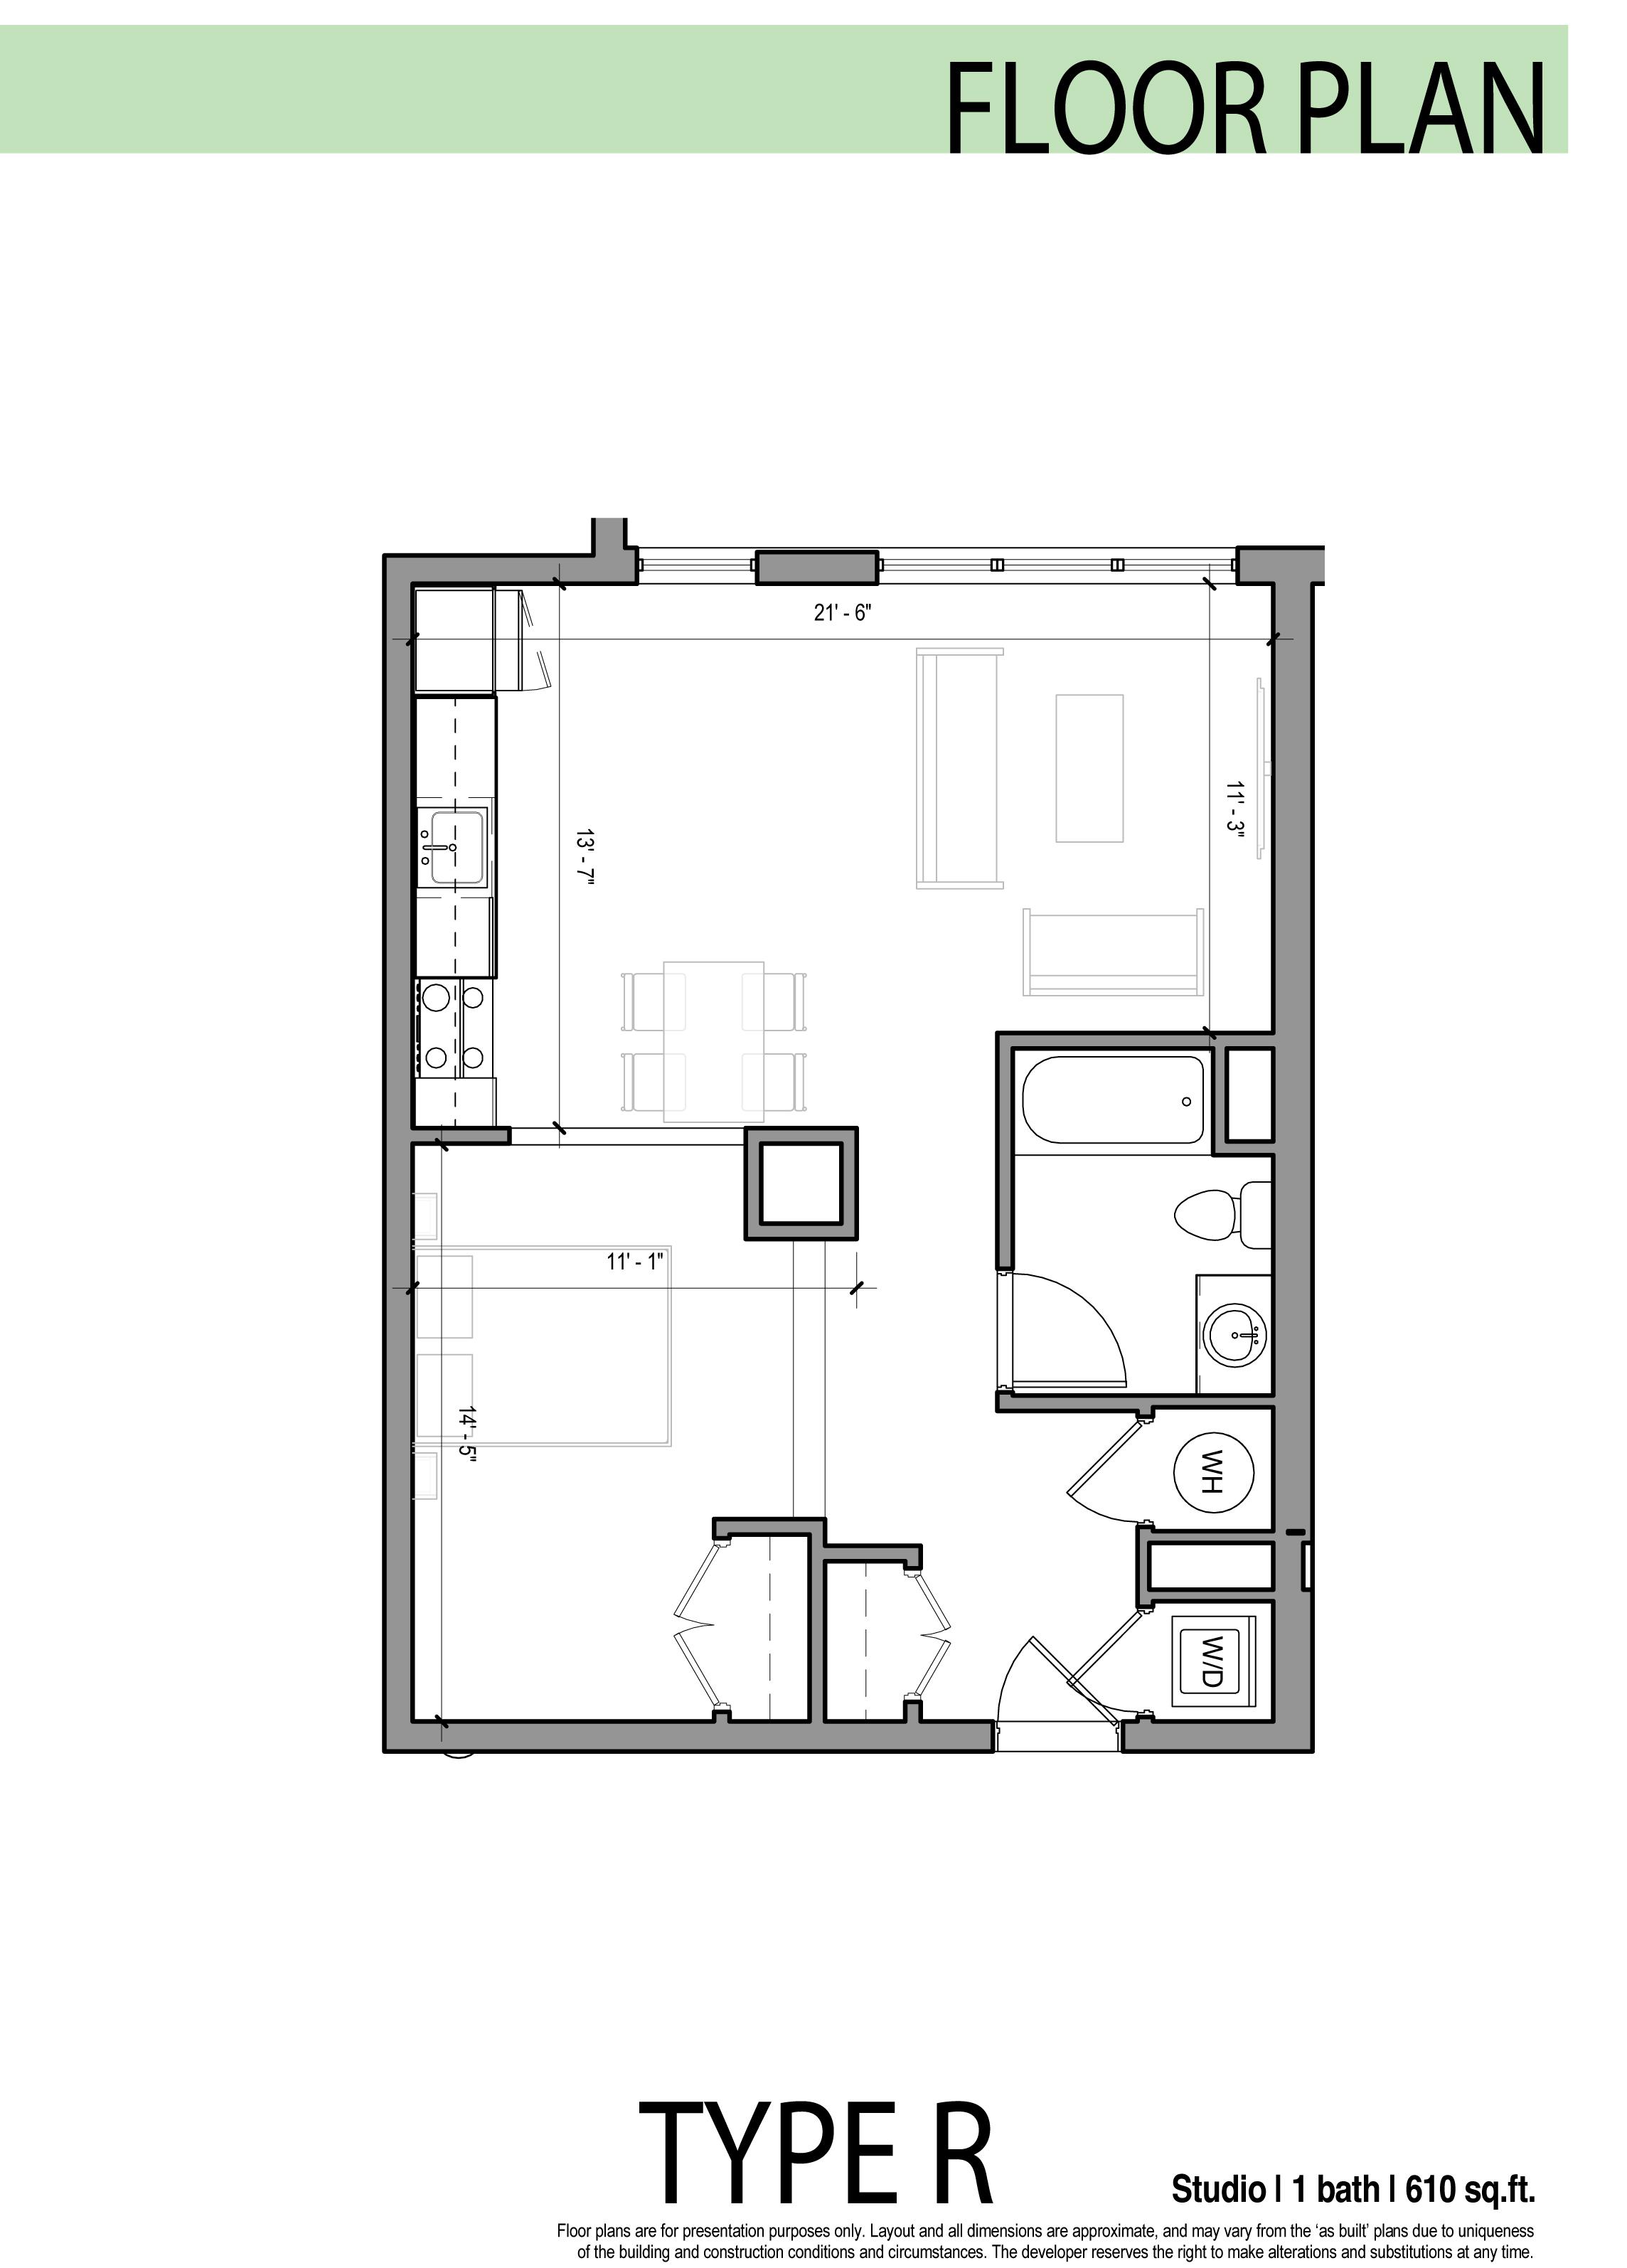 Edge allston floor plans for Single floor plan